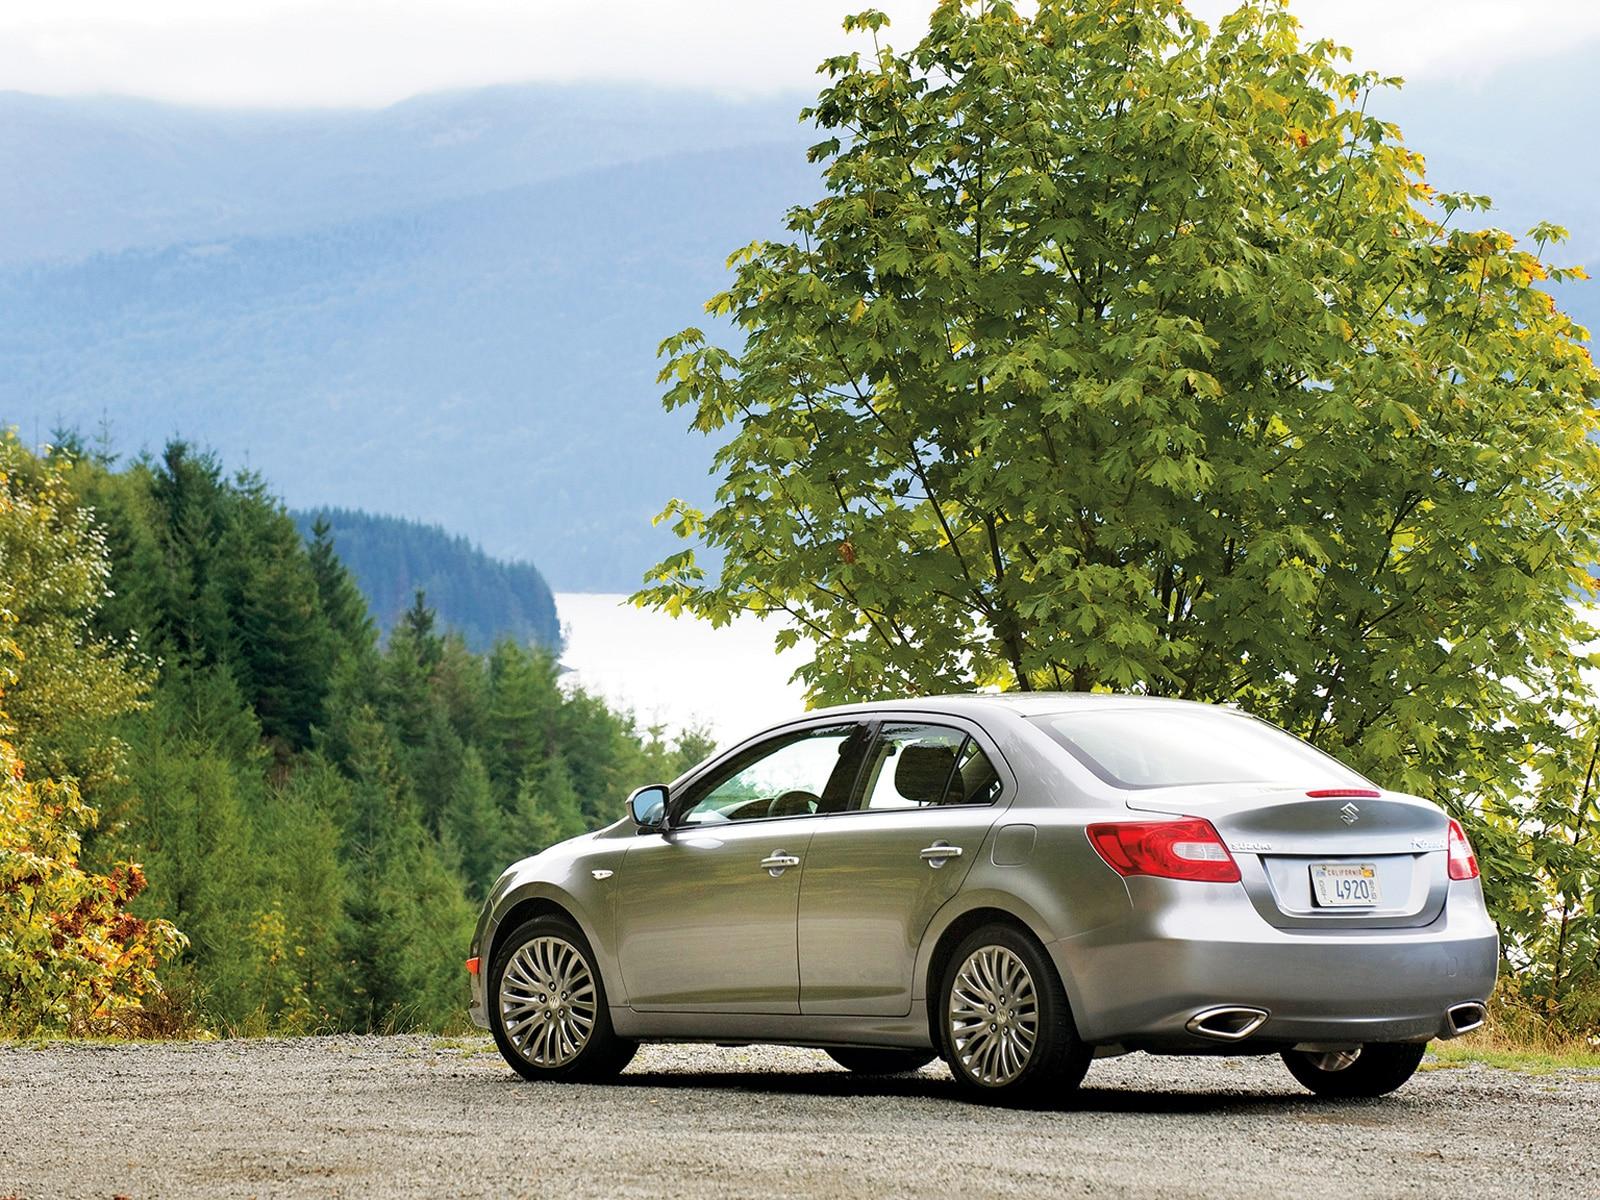 2010 suzuki kizashi suzuki midsize sedan review automobile